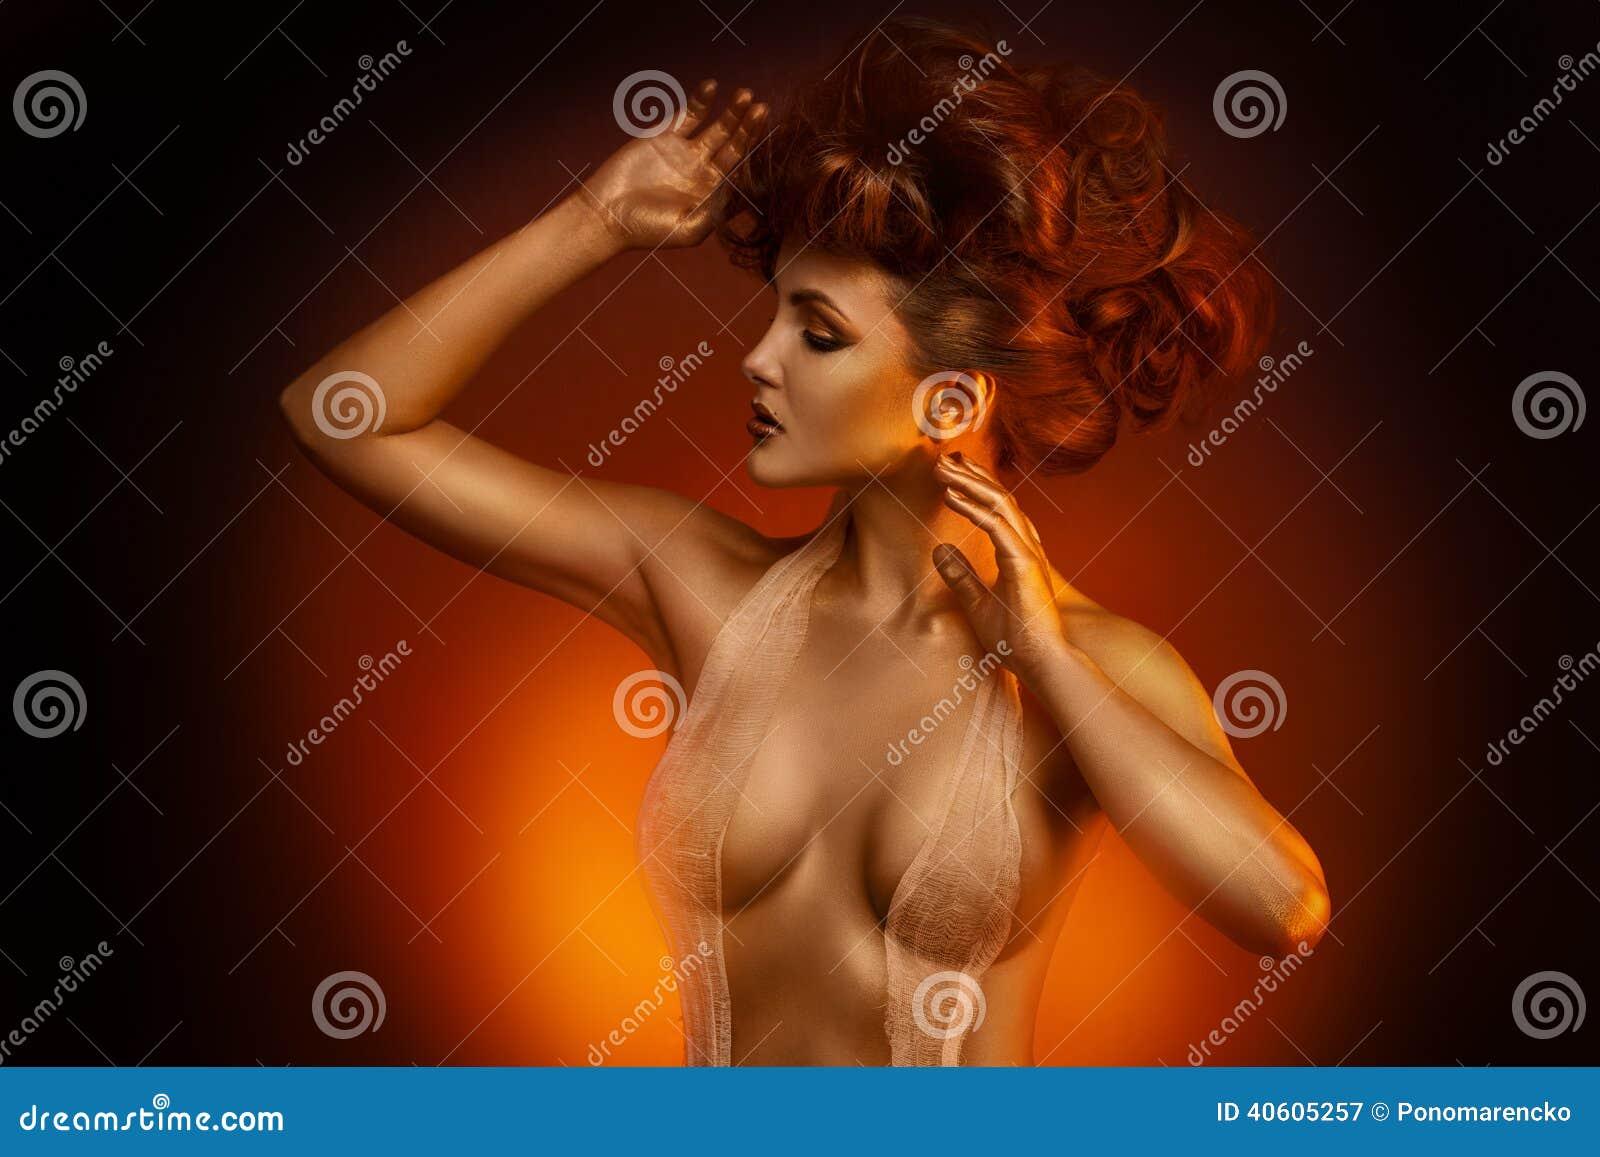 tween naked pics